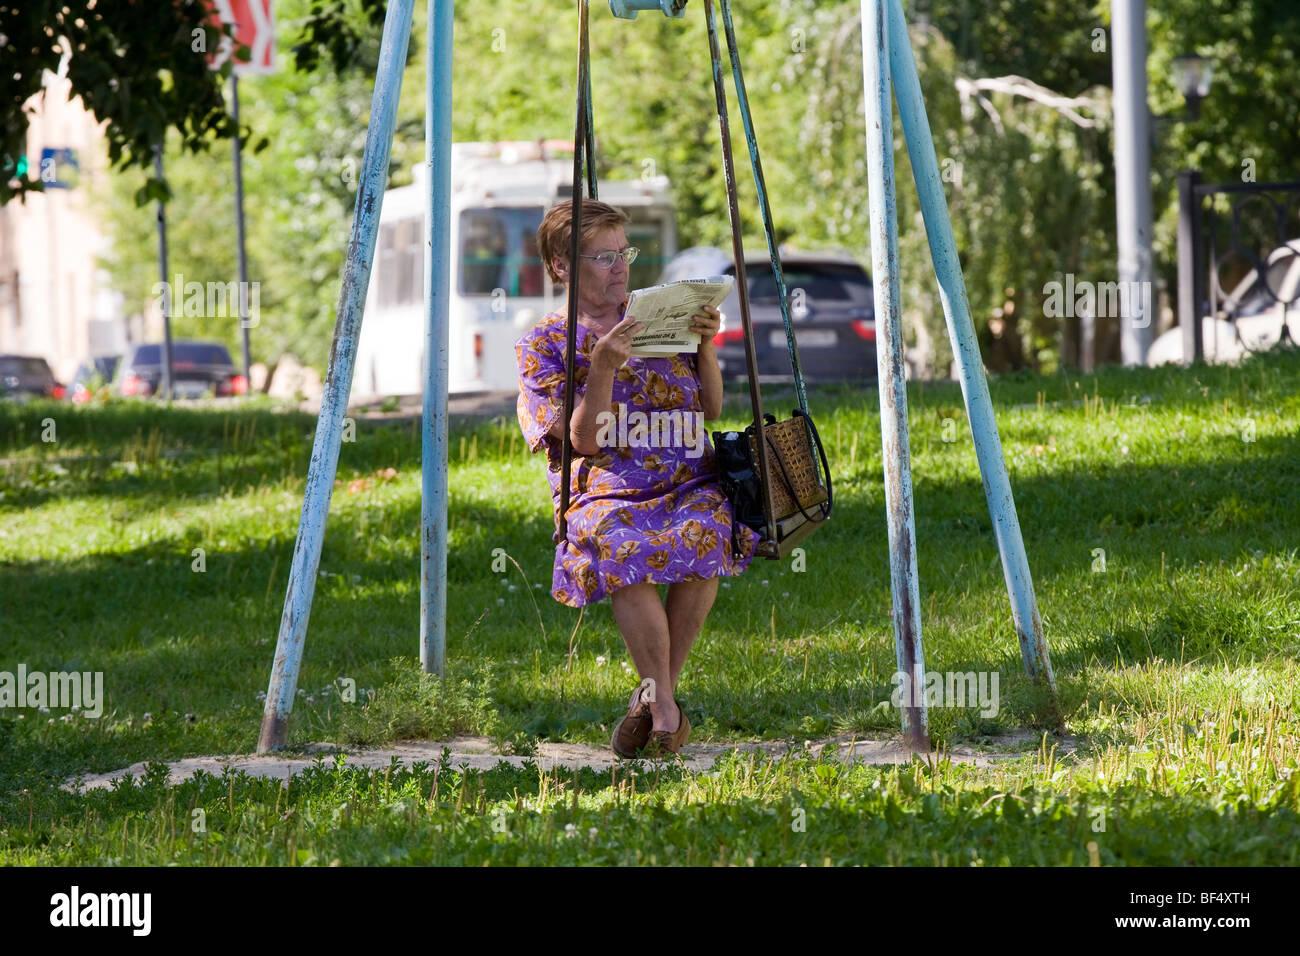 Klettergerüst Russisch : Spielplatz r stockfotos & bilder alamy